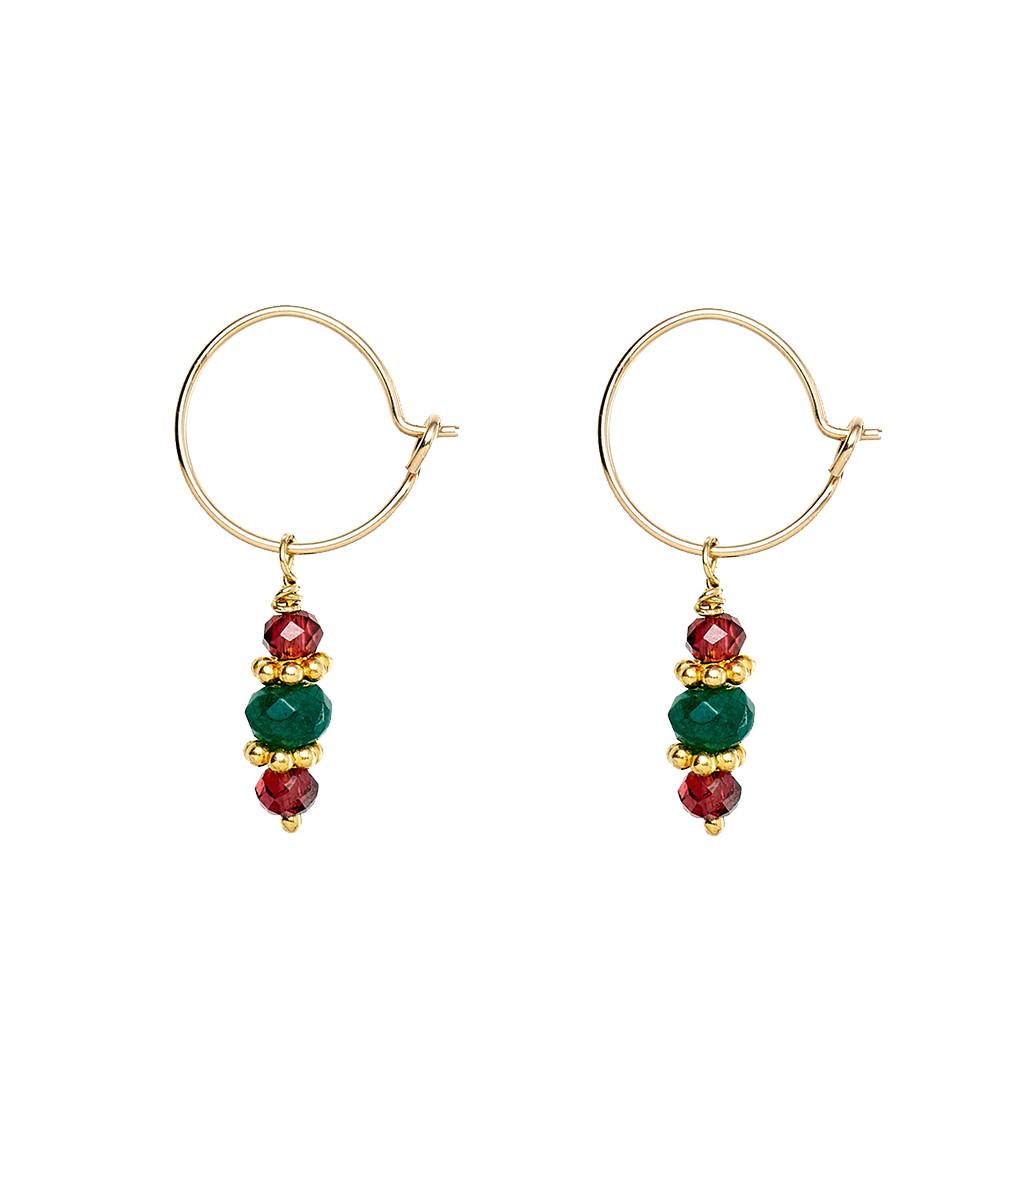 TITYARAVY - Boucles d'oreilles Padma Agate Verte Plaqué Or